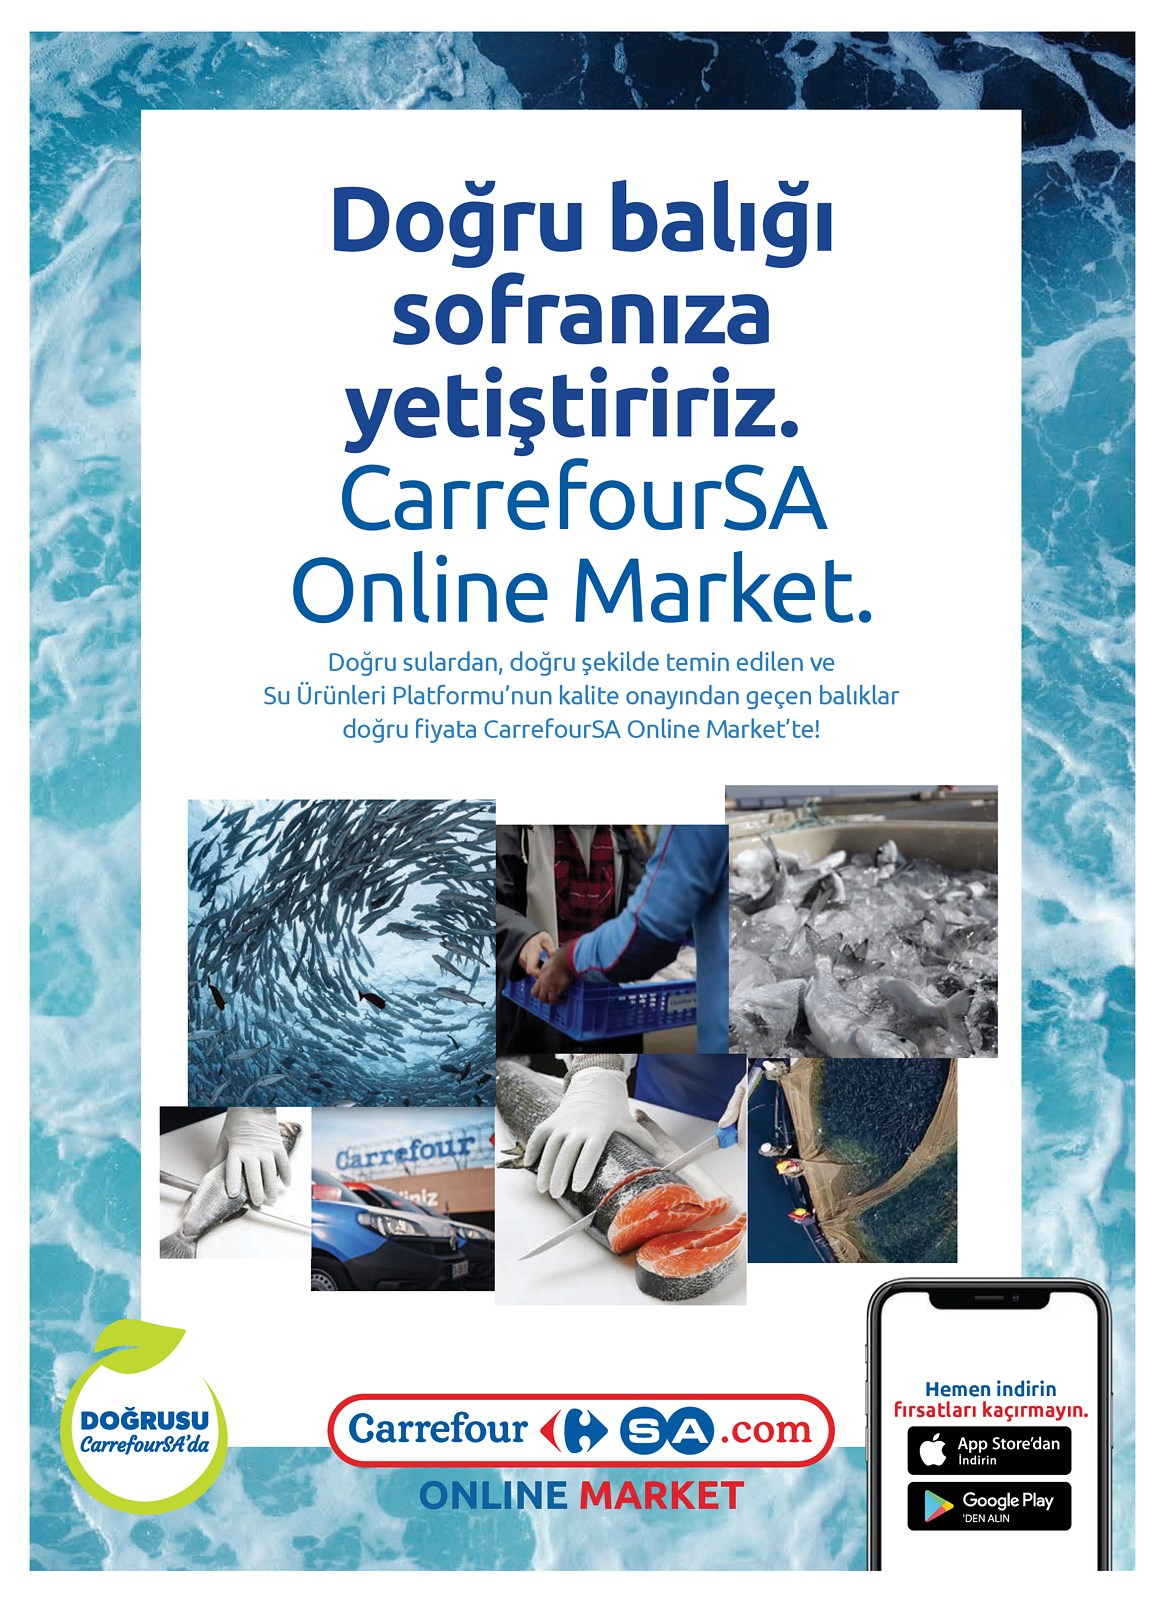 11.10.2021 CarrefourSA broşürü 10. sayfa